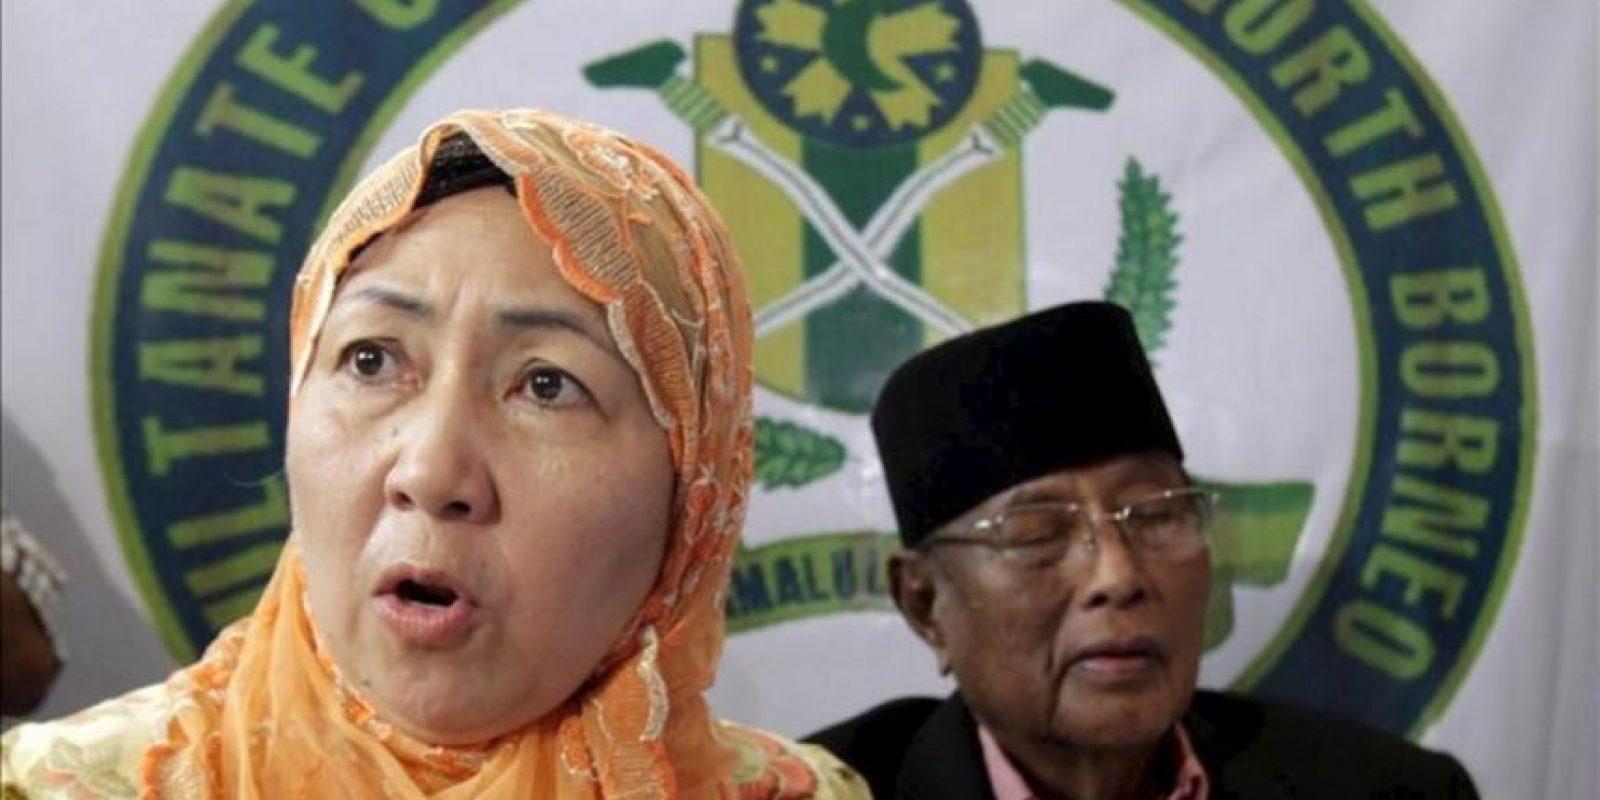 El sultán de Joló, Jamalul Kiram III, y su mujer, la reina Krishna (izq), declaran ante los medios que no abandonarán Sabah a pesar de las advetencias del presidente filipino, Benigno Aquino. EFE